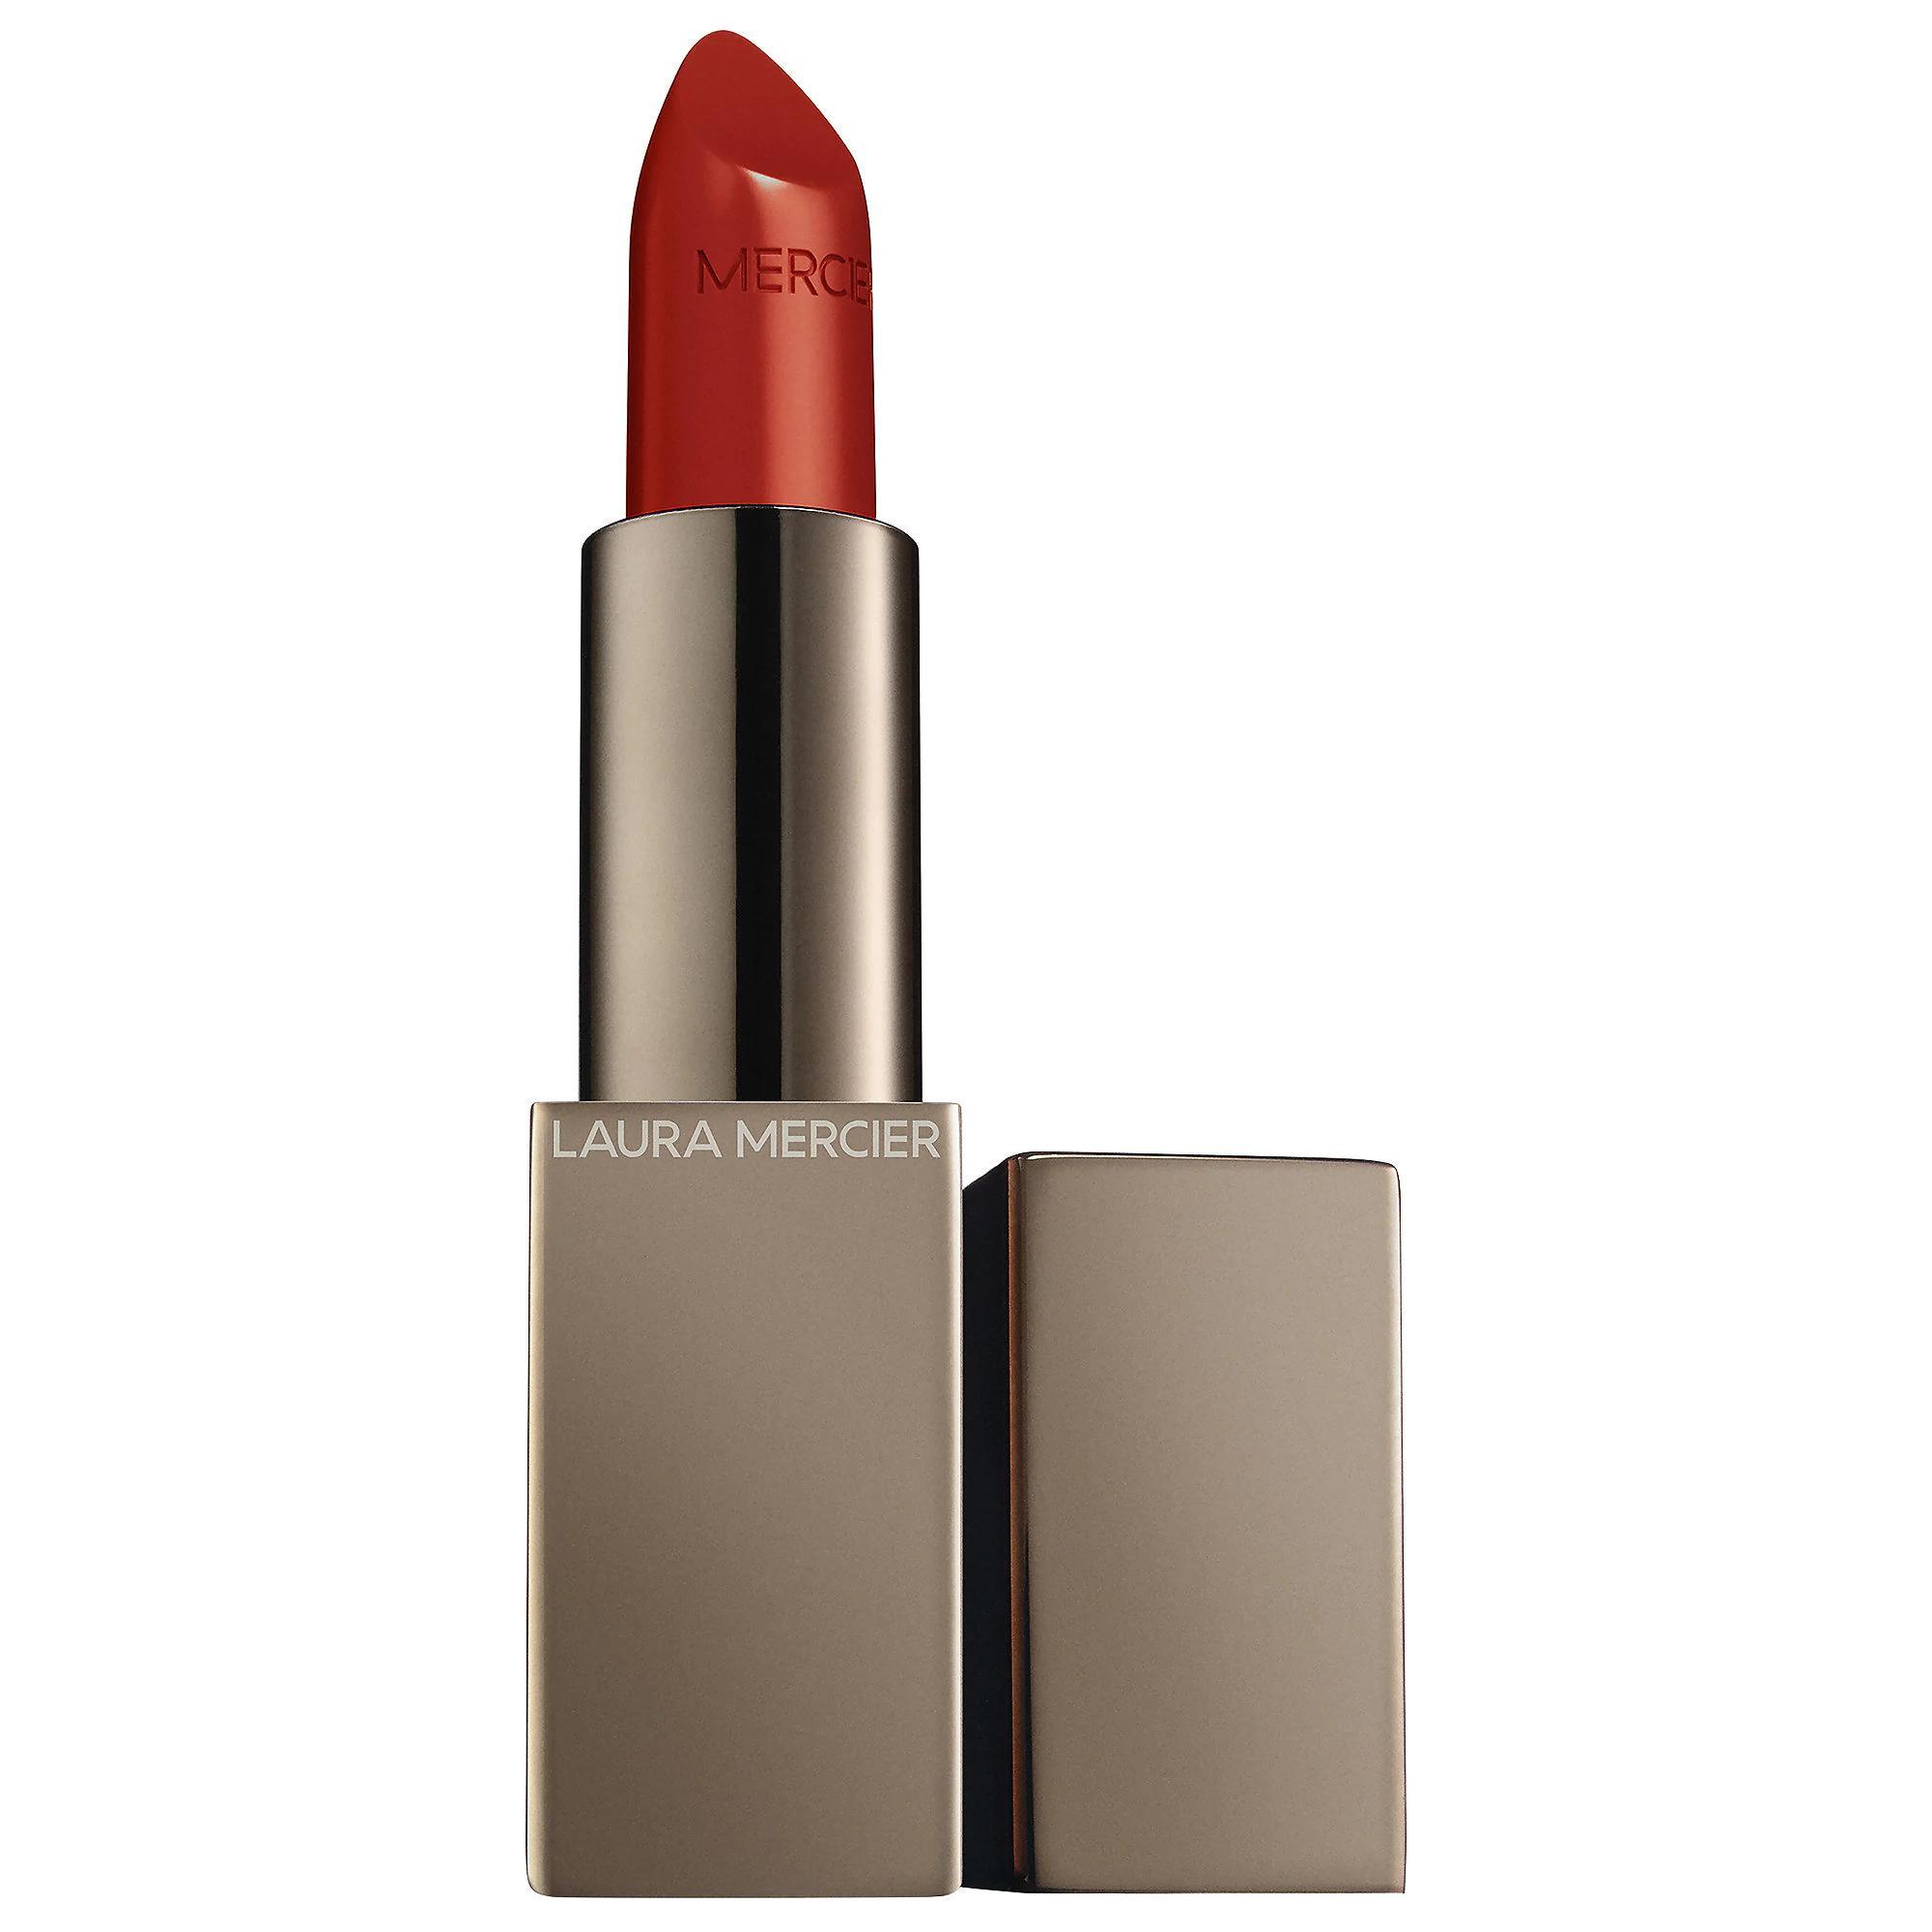 Laura Mercier Rouge Essentiel Silky Crème Lipstick Rouge Electrique